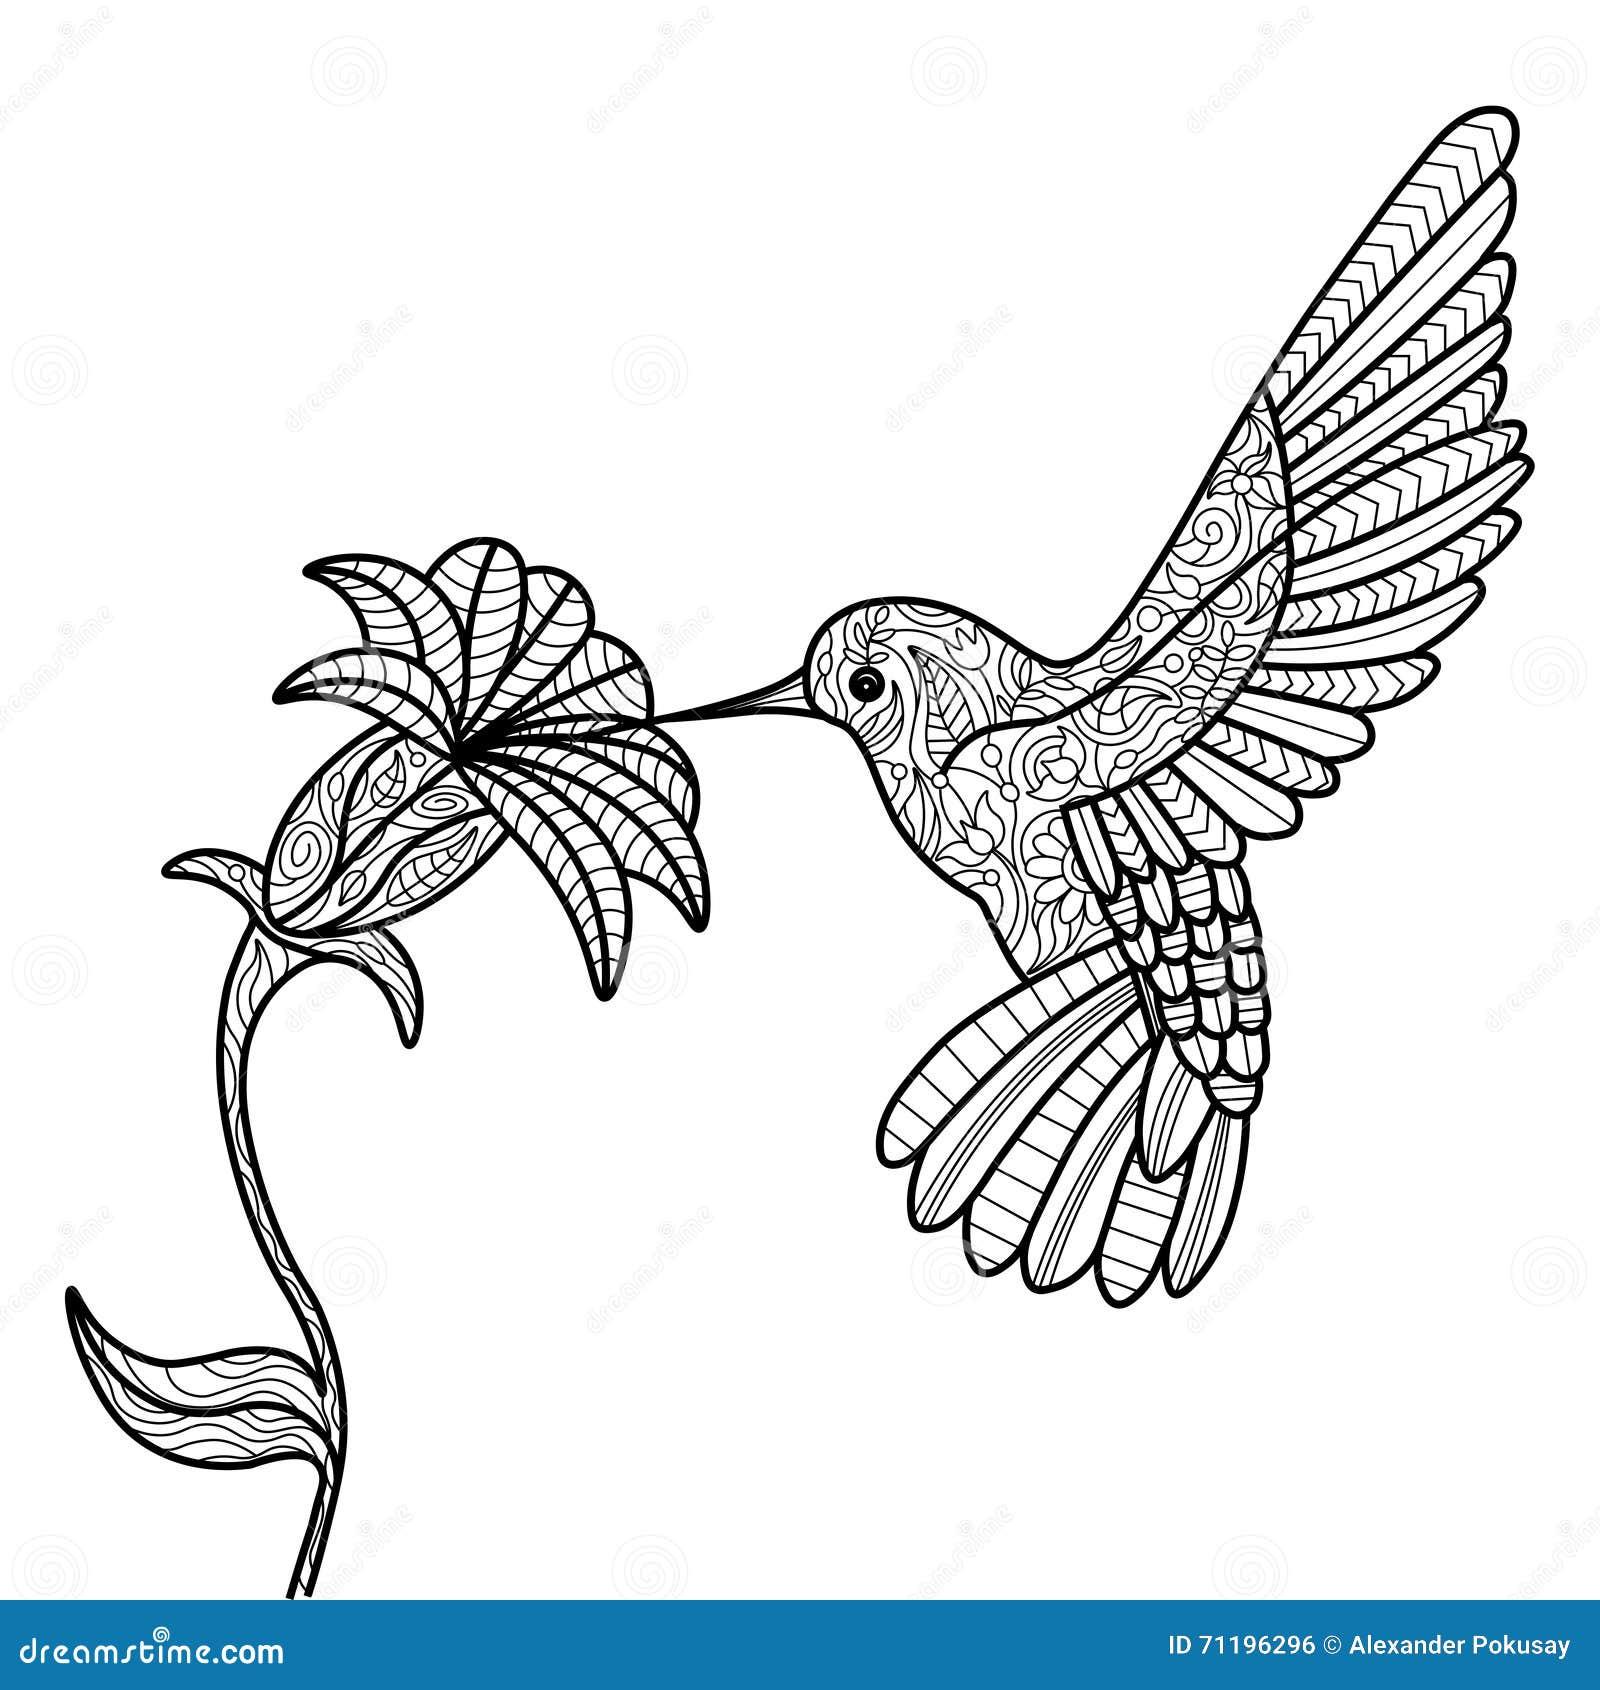 dessin colibri pour tatouage